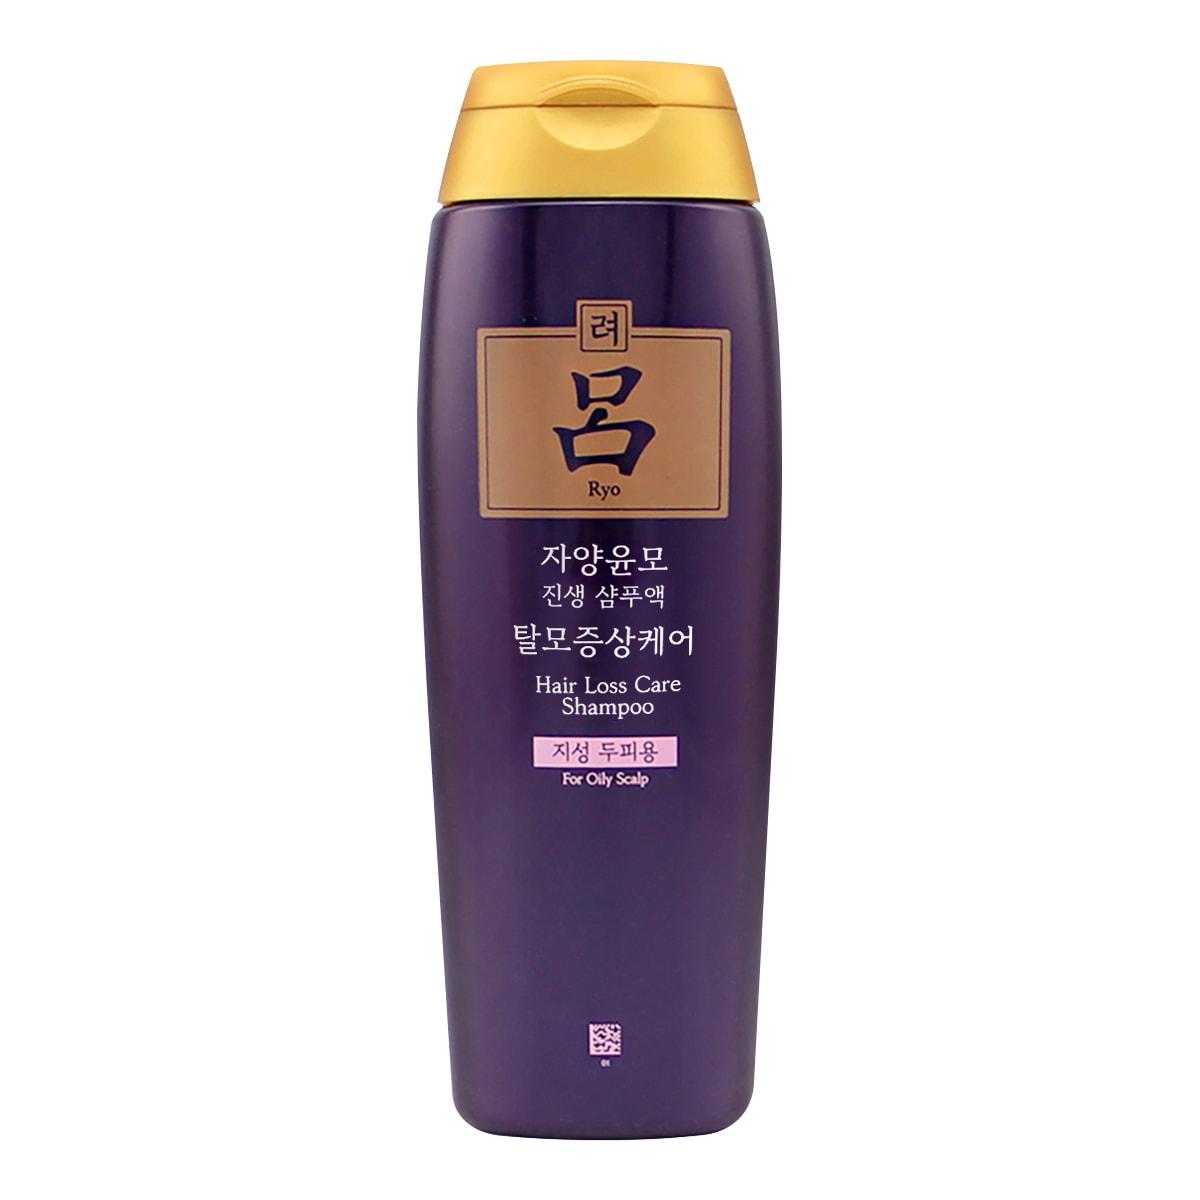 韩国RYO吕 紫色防脱发固发滋养洗发水 180ml 适合油性发质